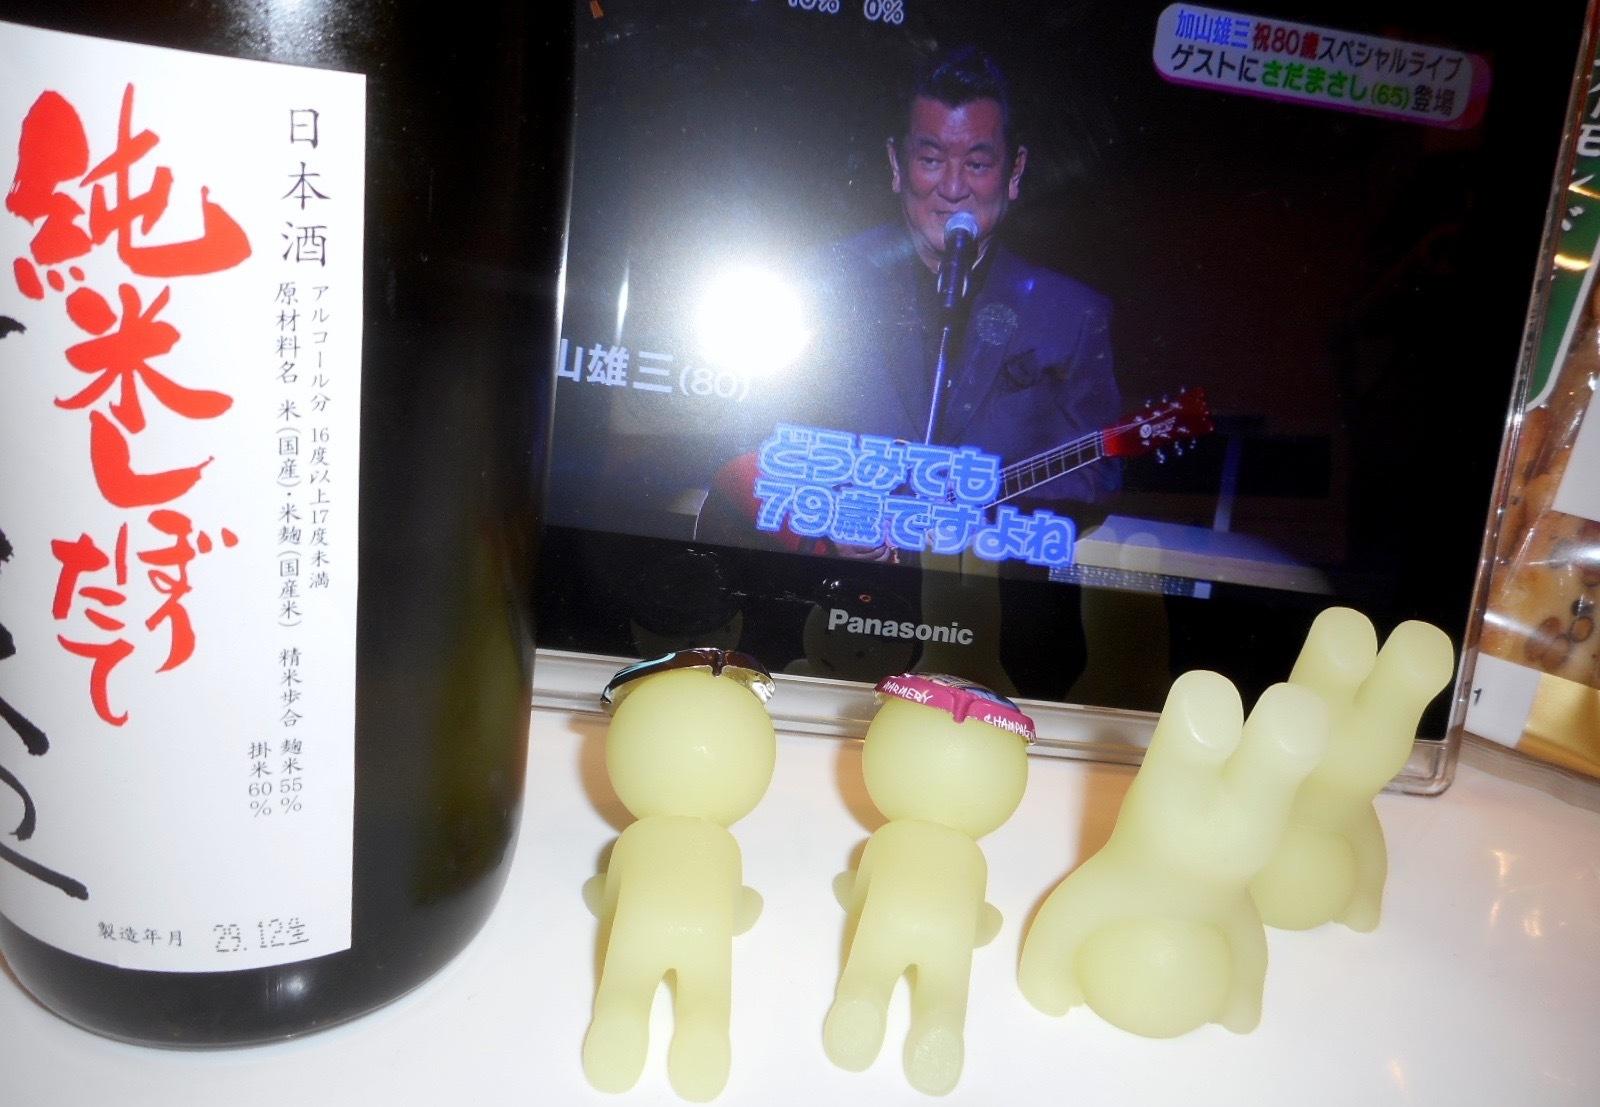 houhai_shiboritate29by2.jpg